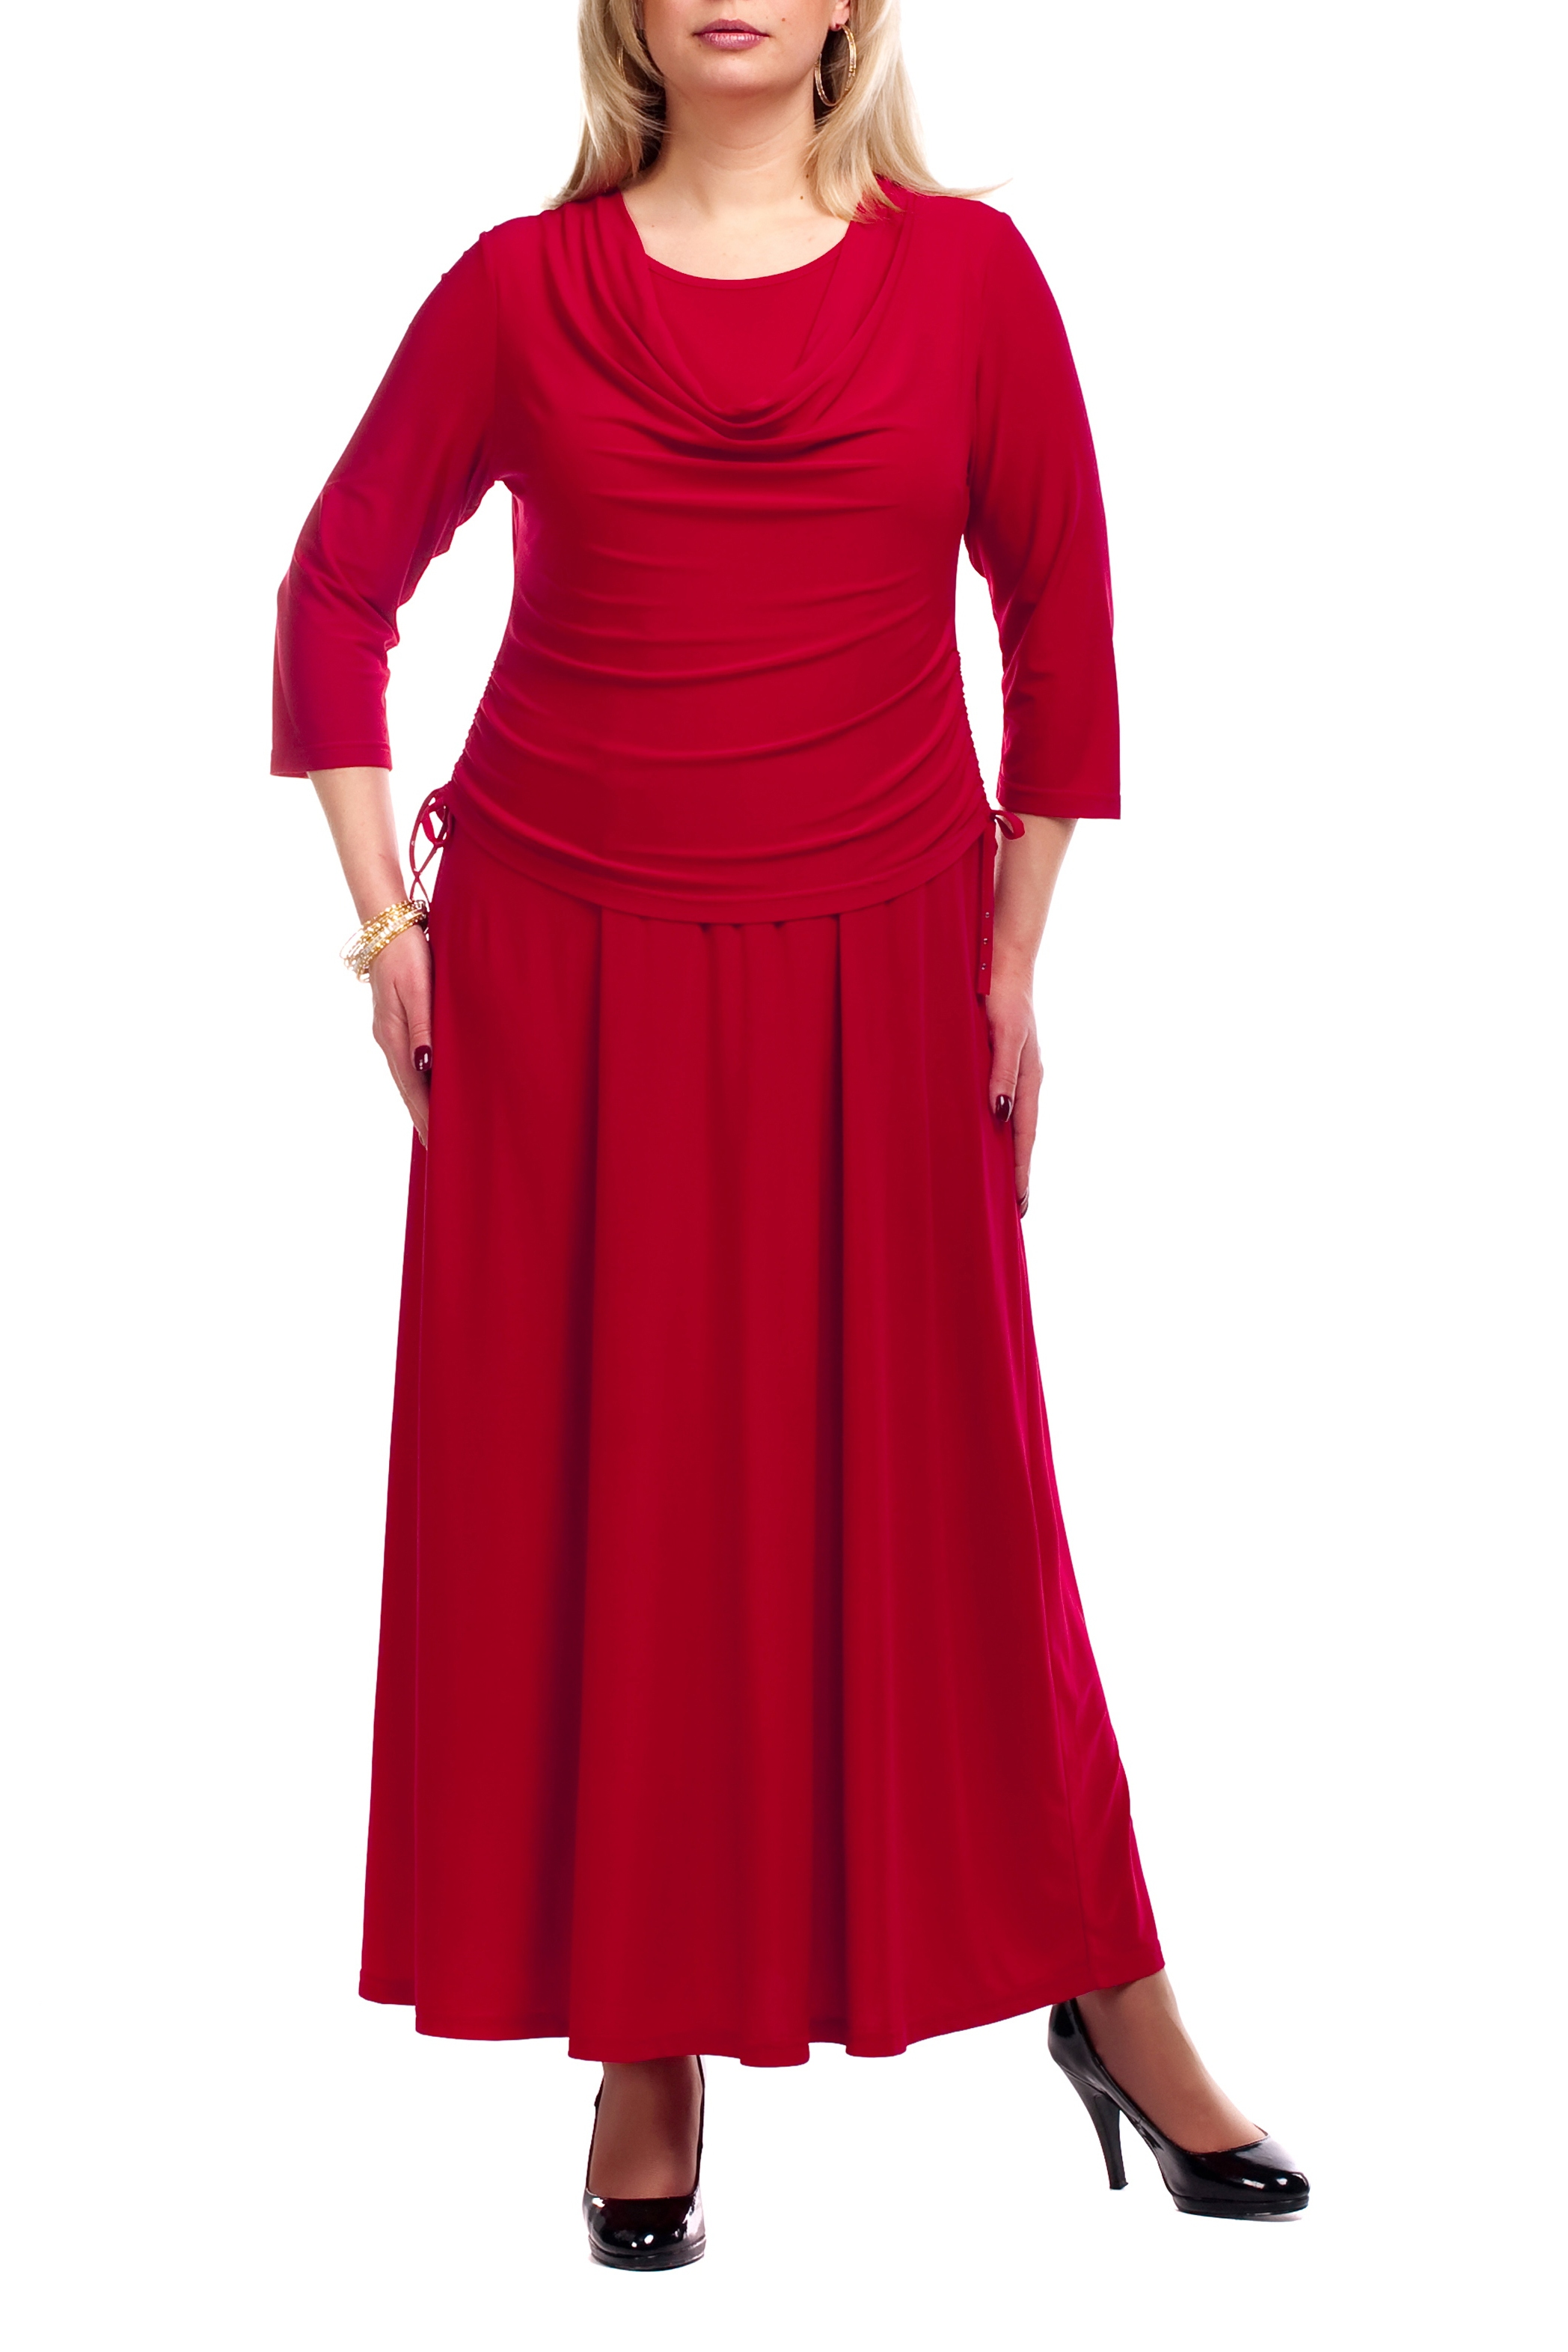 ПлатьеПлатья<br>Великолепное платье с небольшой драпировкой. Модель выполнена из струящегося трикотажа. Отличный выбор для любого торжества.  Цвет: красный  Рост девушки-фотомодели 173 см<br><br>Горловина: Качель,С- горловина<br>По длине: Макси<br>По материалу: Трикотаж<br>По образу: Свидание<br>По рисунку: Однотонные<br>По сезону: Весна,Всесезон,Зима,Лето,Осень<br>По силуэту: Полуприталенные<br>По стилю: Нарядный стиль,Повседневный стиль<br>По элементам: С декором,Со складками<br>Рукав: Рукав три четверти<br>Размер : 52,54,68<br>Материал: Холодное масло<br>Количество в наличии: 3